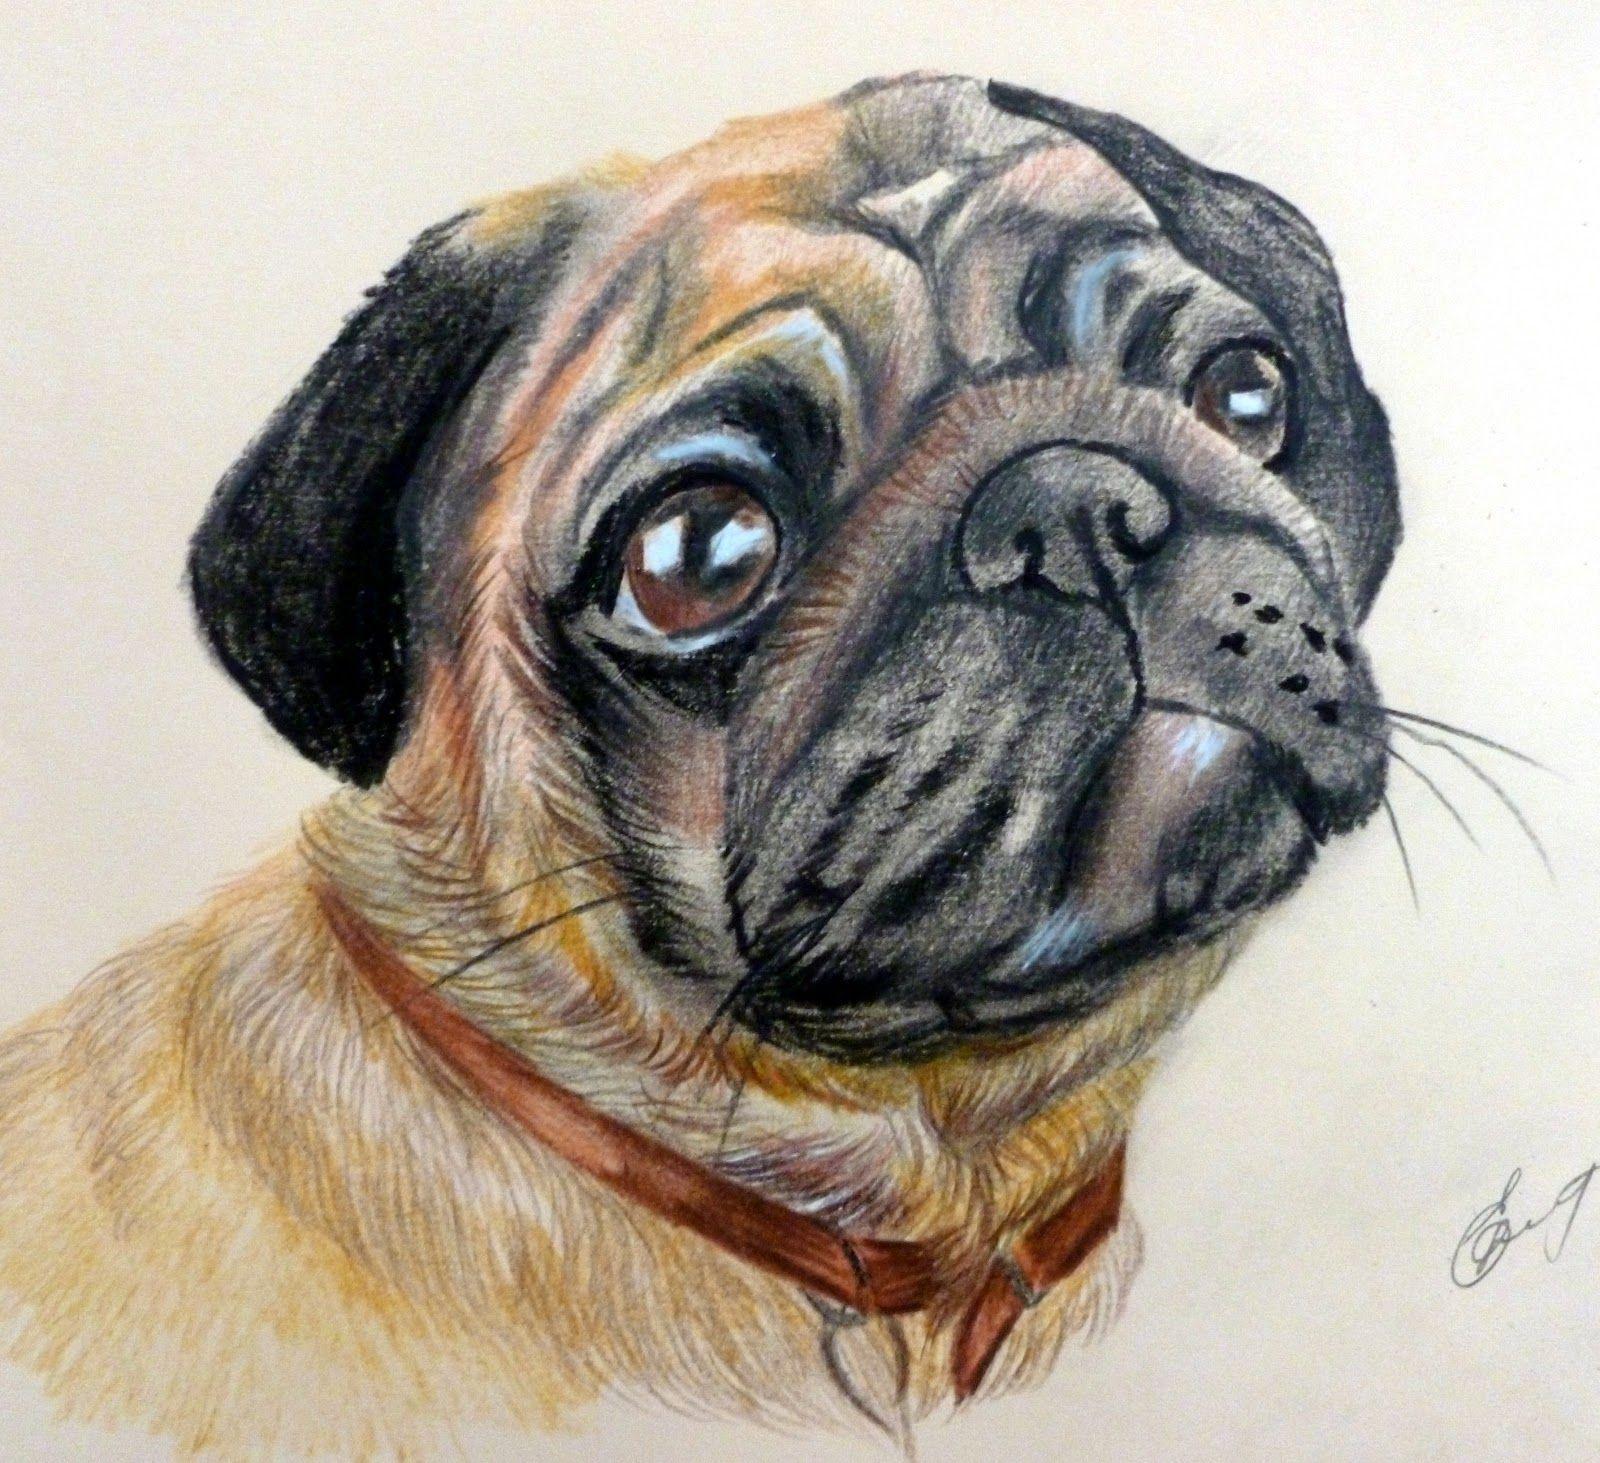 Крутые рисунки собаки, воскресенье картинки